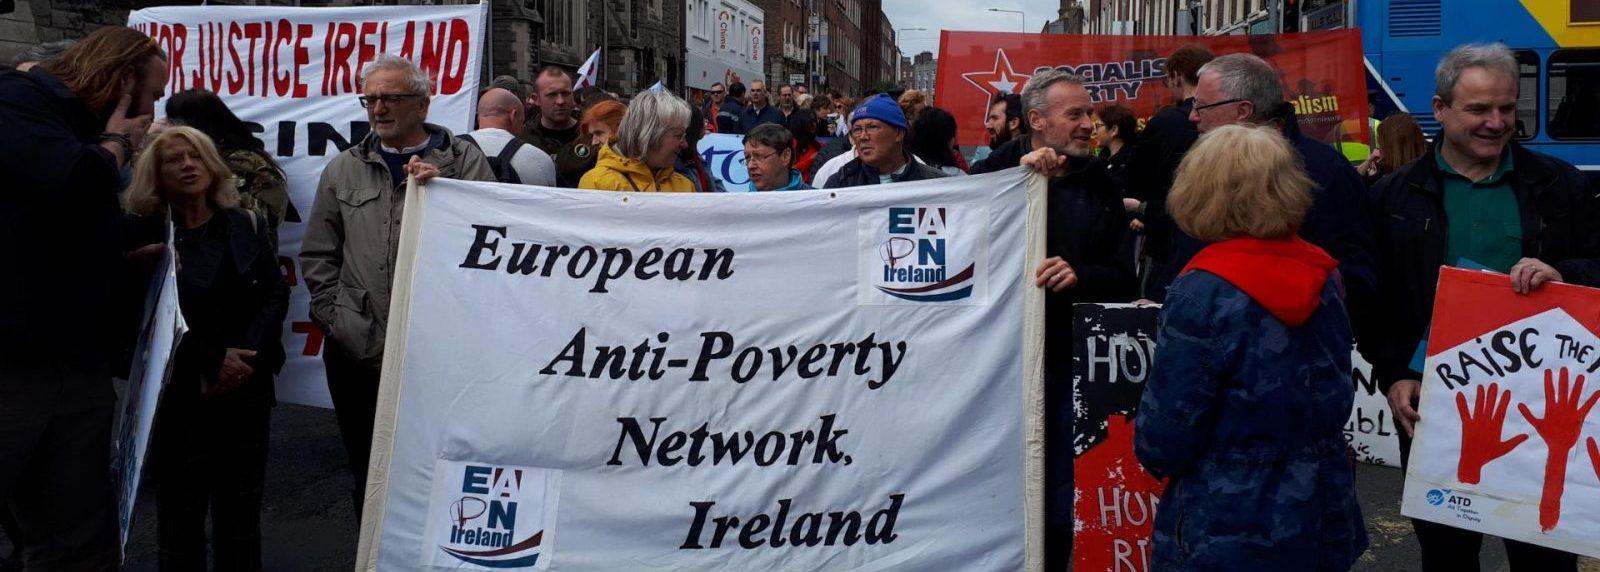 https://www.eapn.ie/wp-content/uploads/2019/02/eapn-banner-e1559657691349.jpg